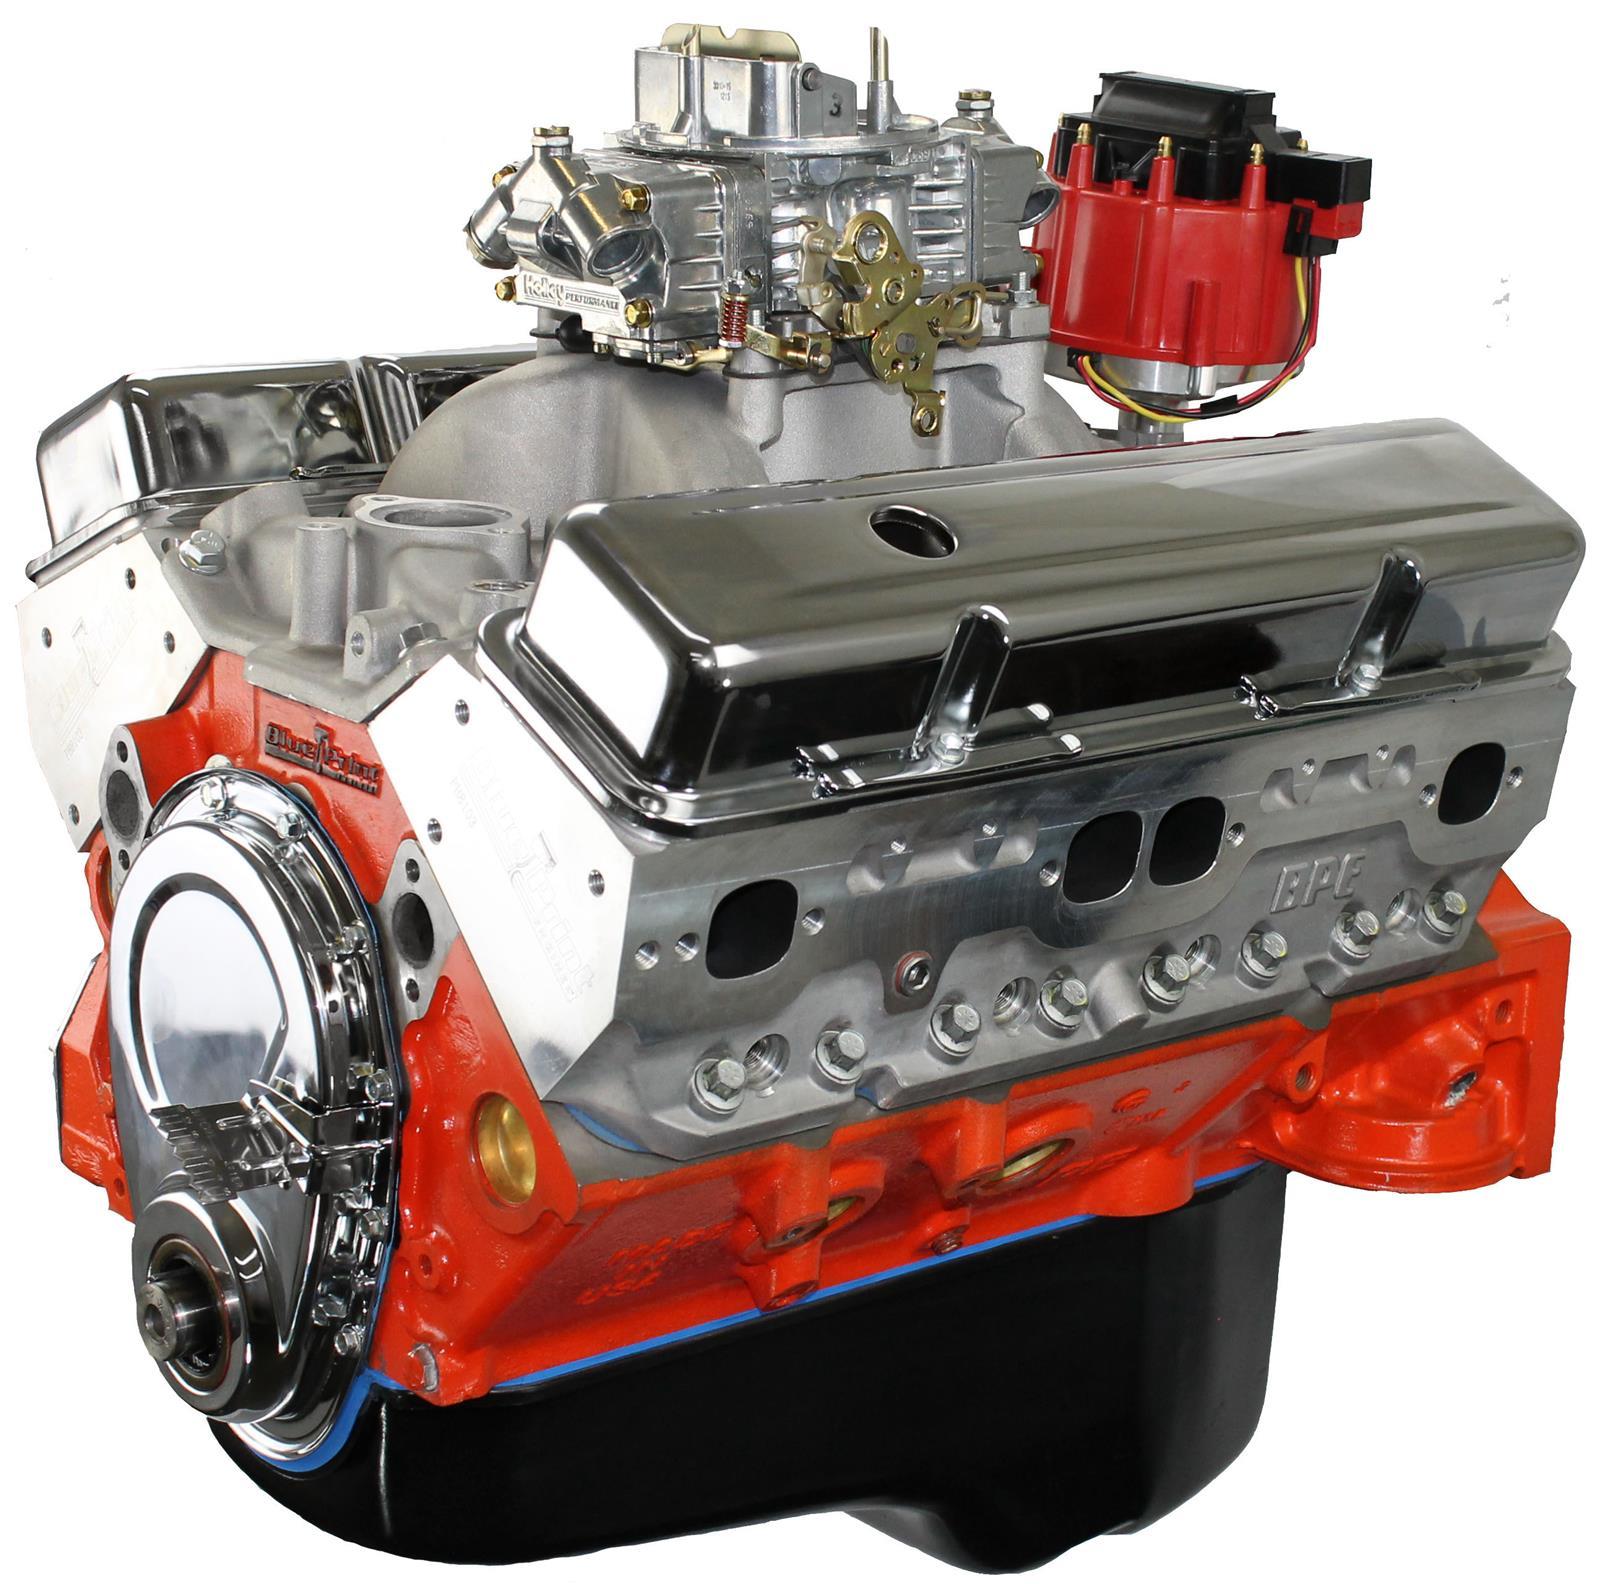 Blueprint engines gm 383 cid 436 hp base dressed stroker crate blueprint engines gm 383 cid 436 hp base dressed stroker crate engine malvernweather Image collections